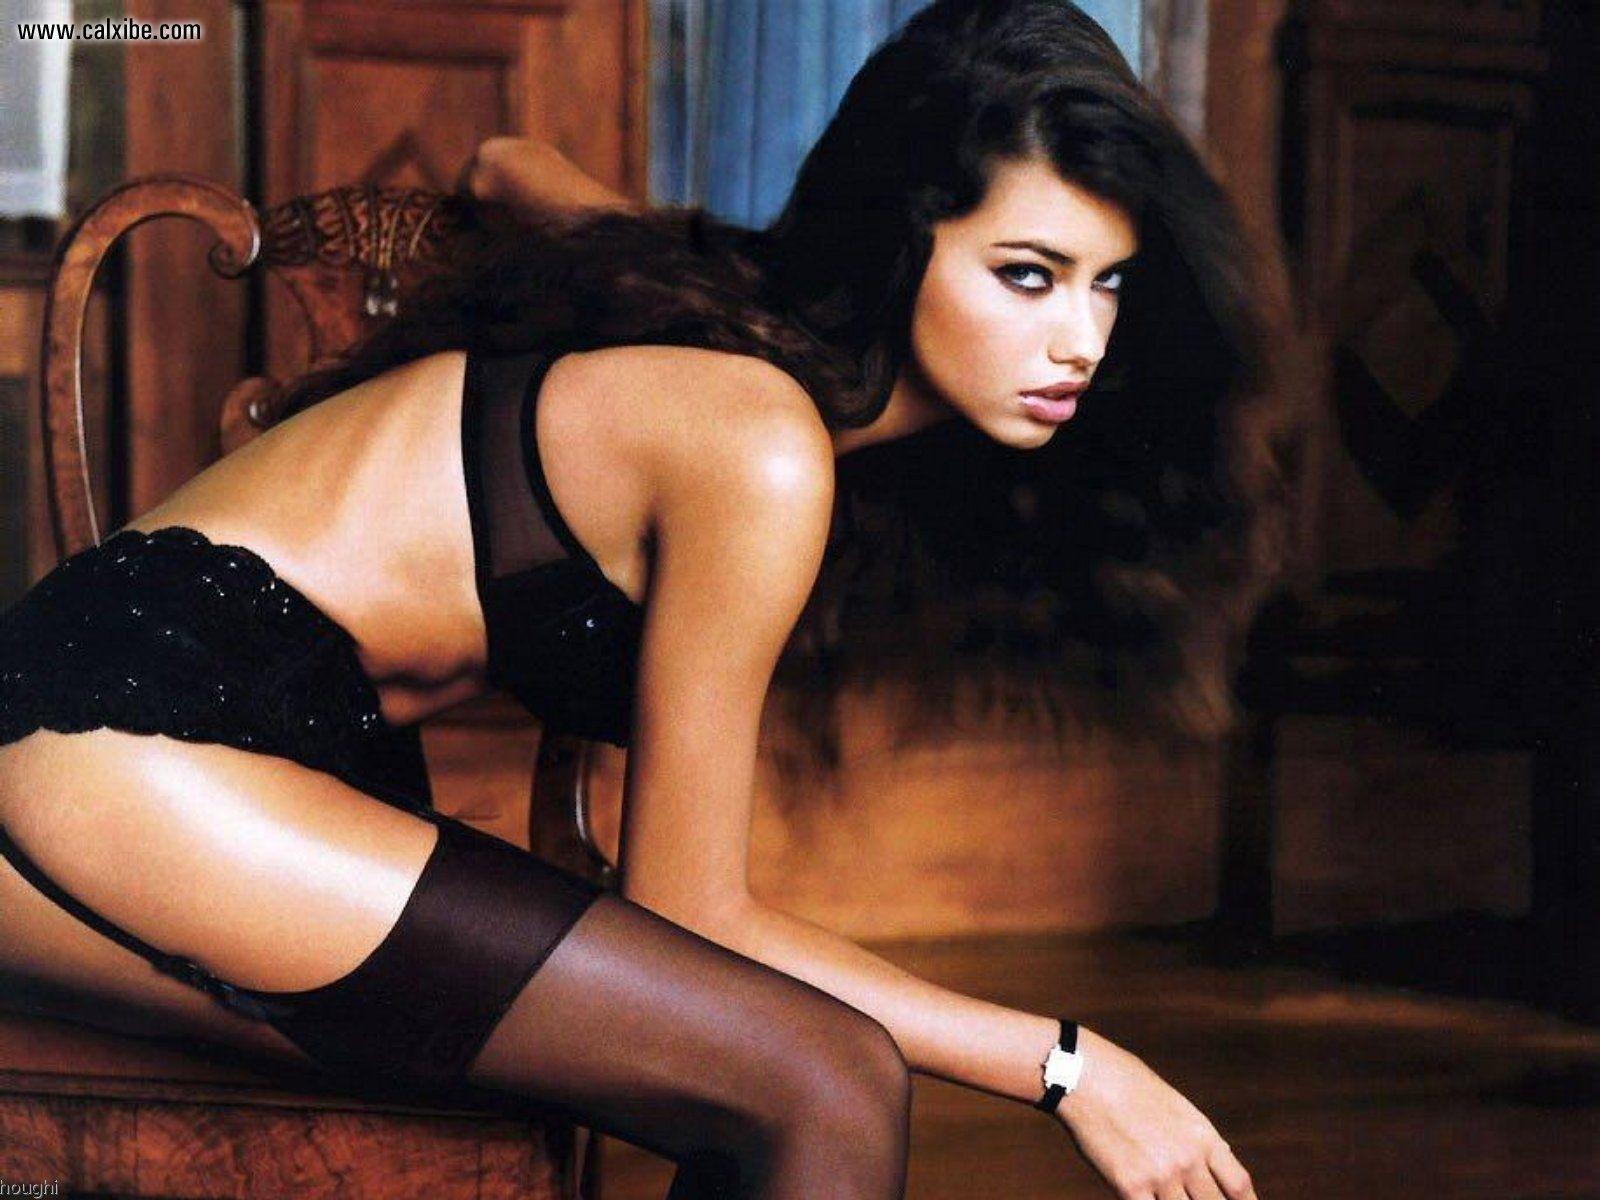 http://4.bp.blogspot.com/-fvKa9n23qFk/UH5nBLEjbrI/AAAAAAAAANg/zruThPdJQiA/s1600/Adriana-Lima-jartiyerli.jpg